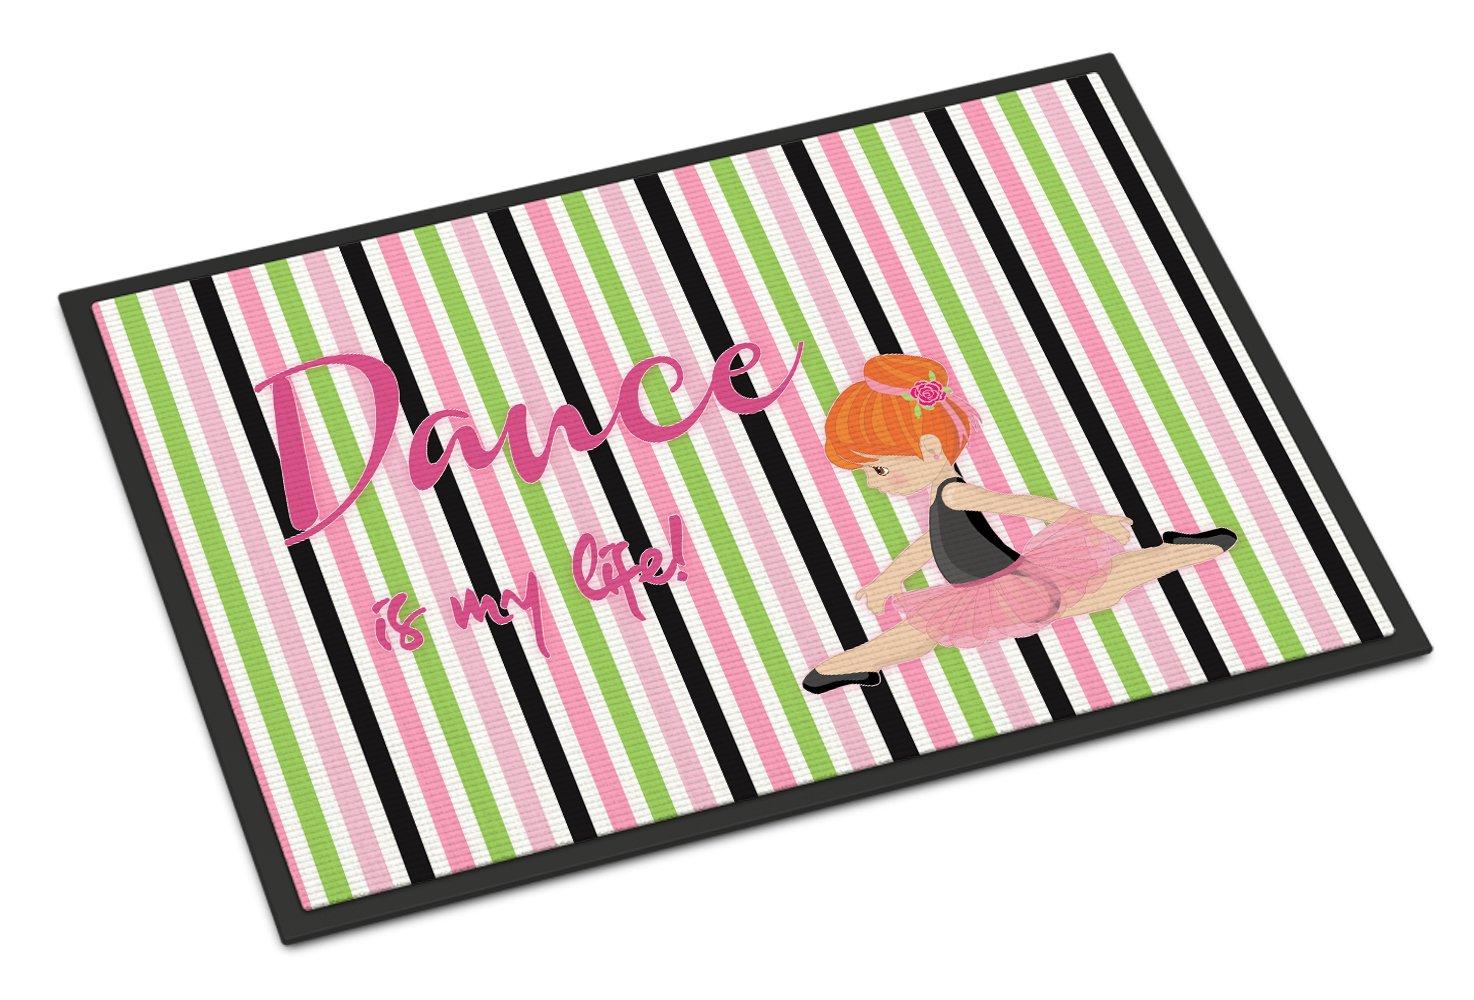 Caroline's Treasures Ballet Dance is my Life Red Doormat, 24 H x 36 W'', Multicolor